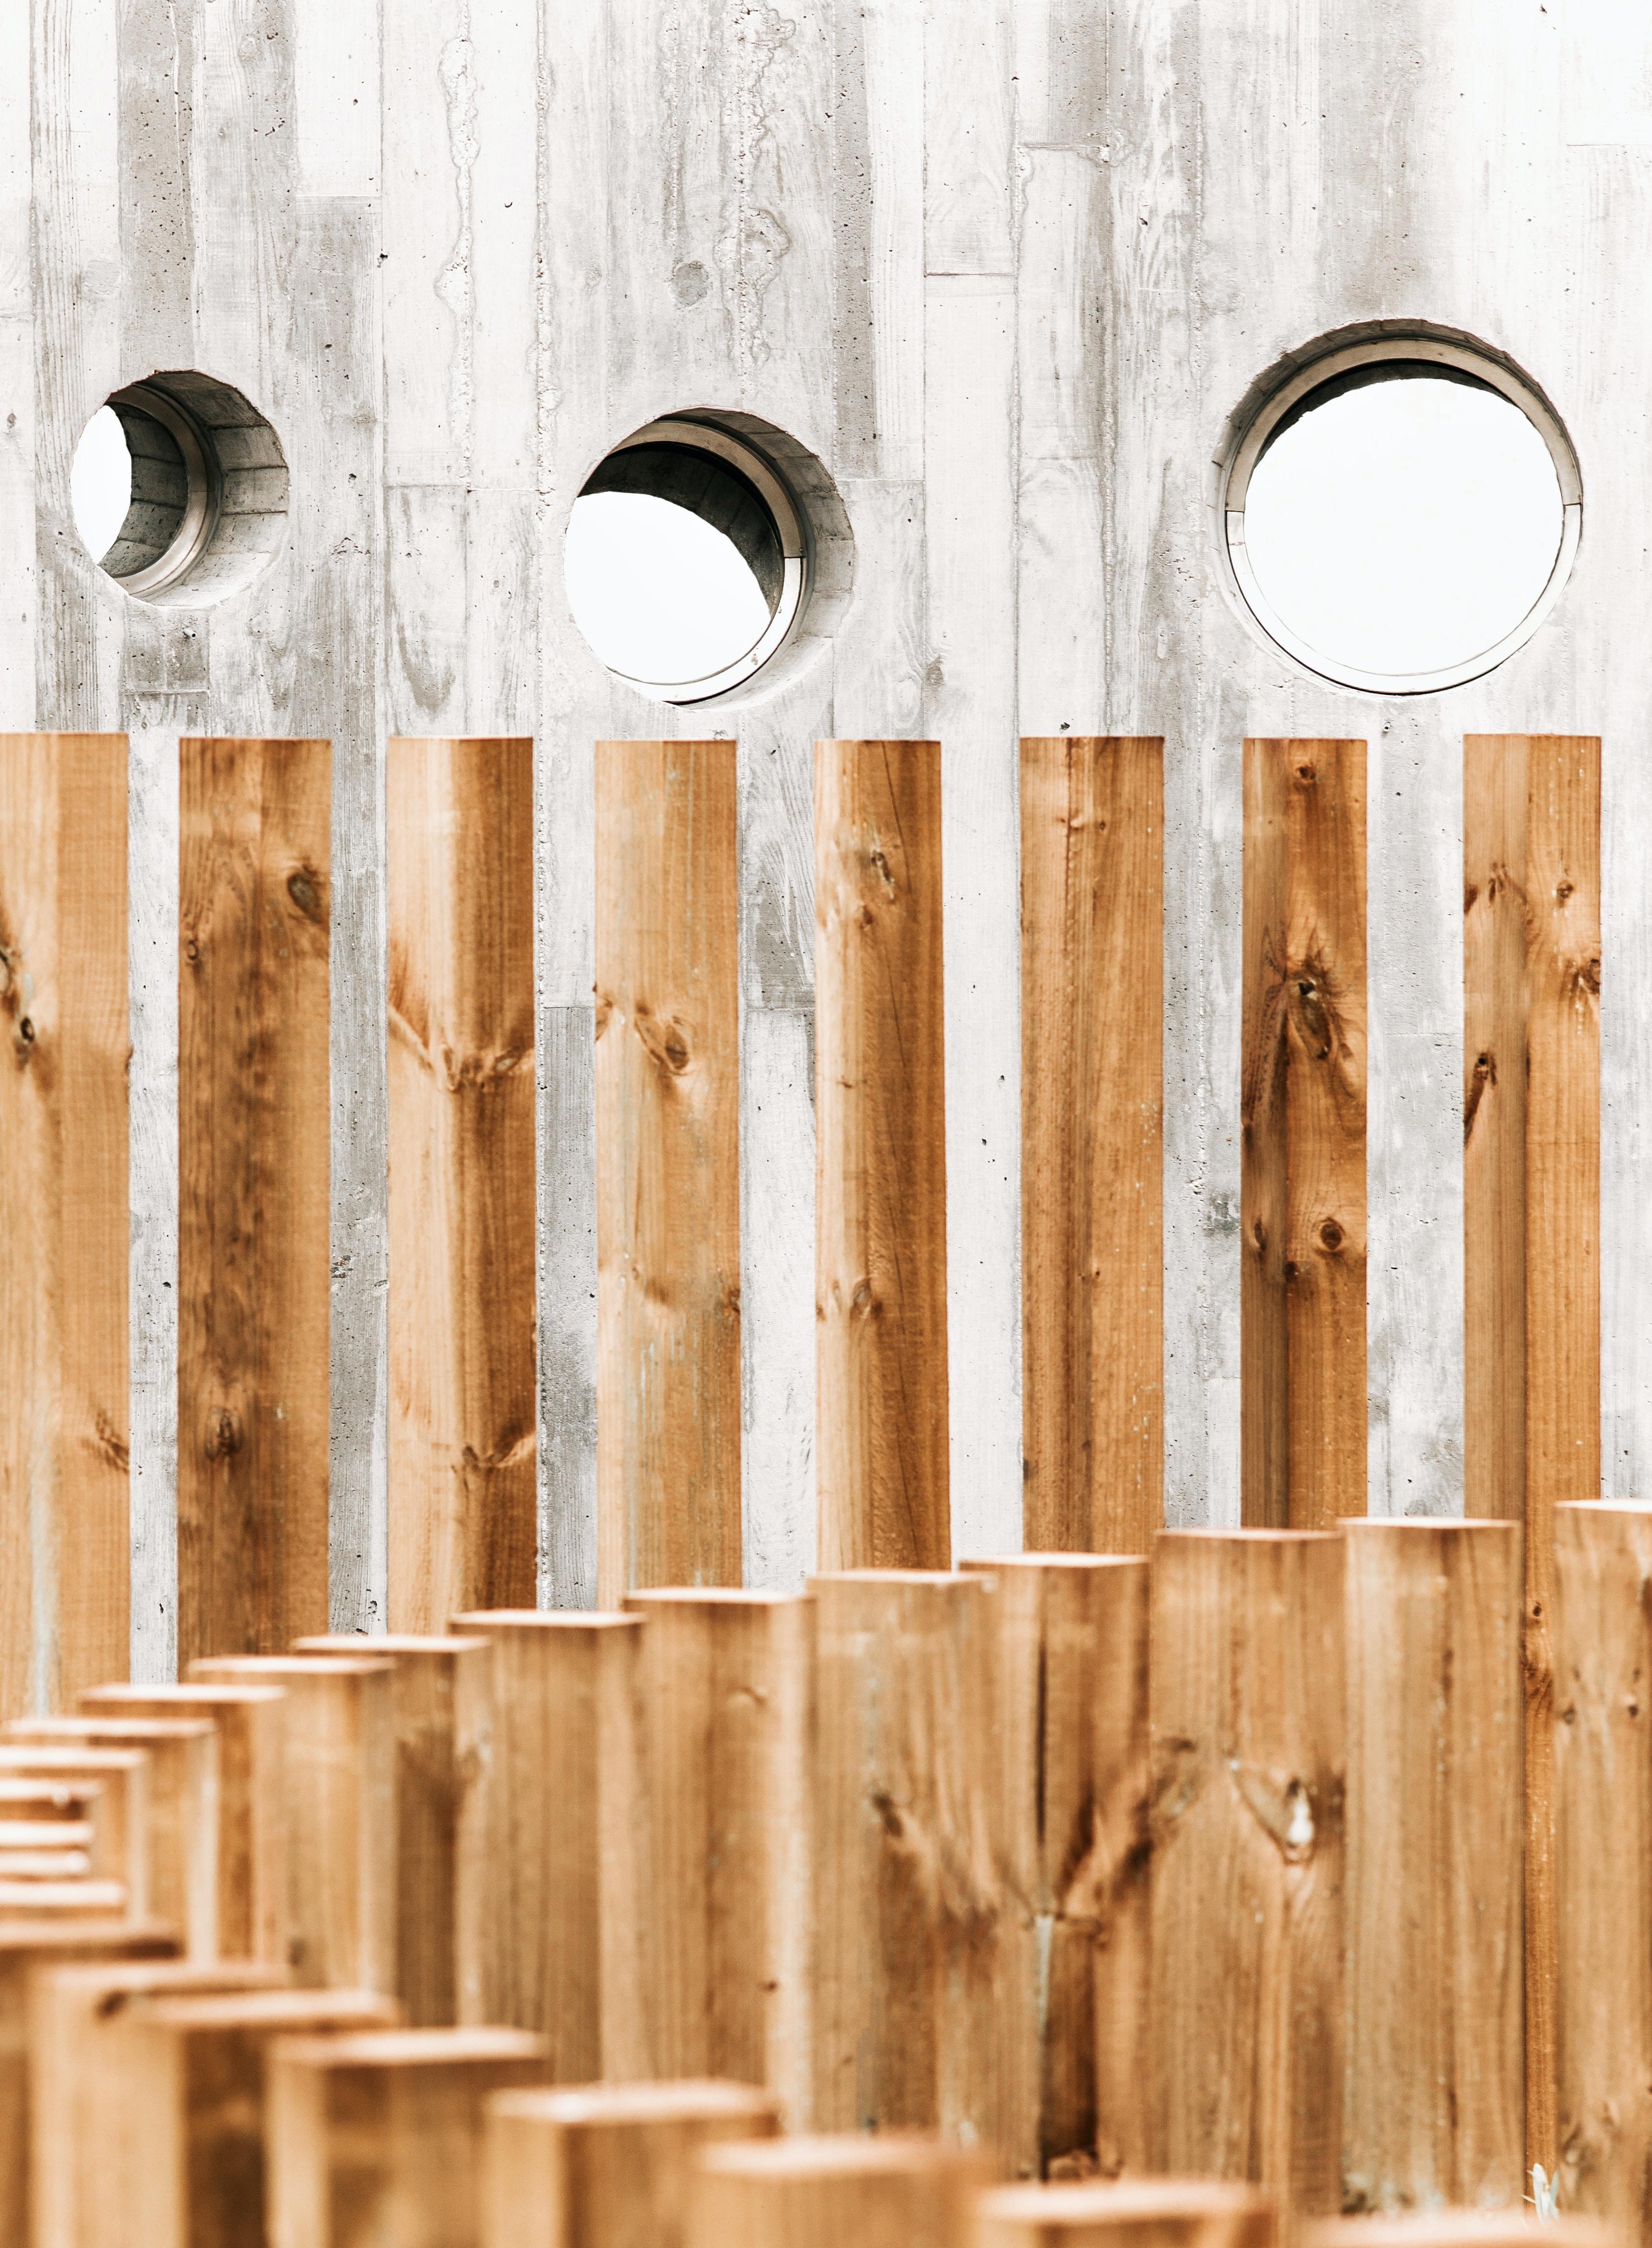 brown wooden posts